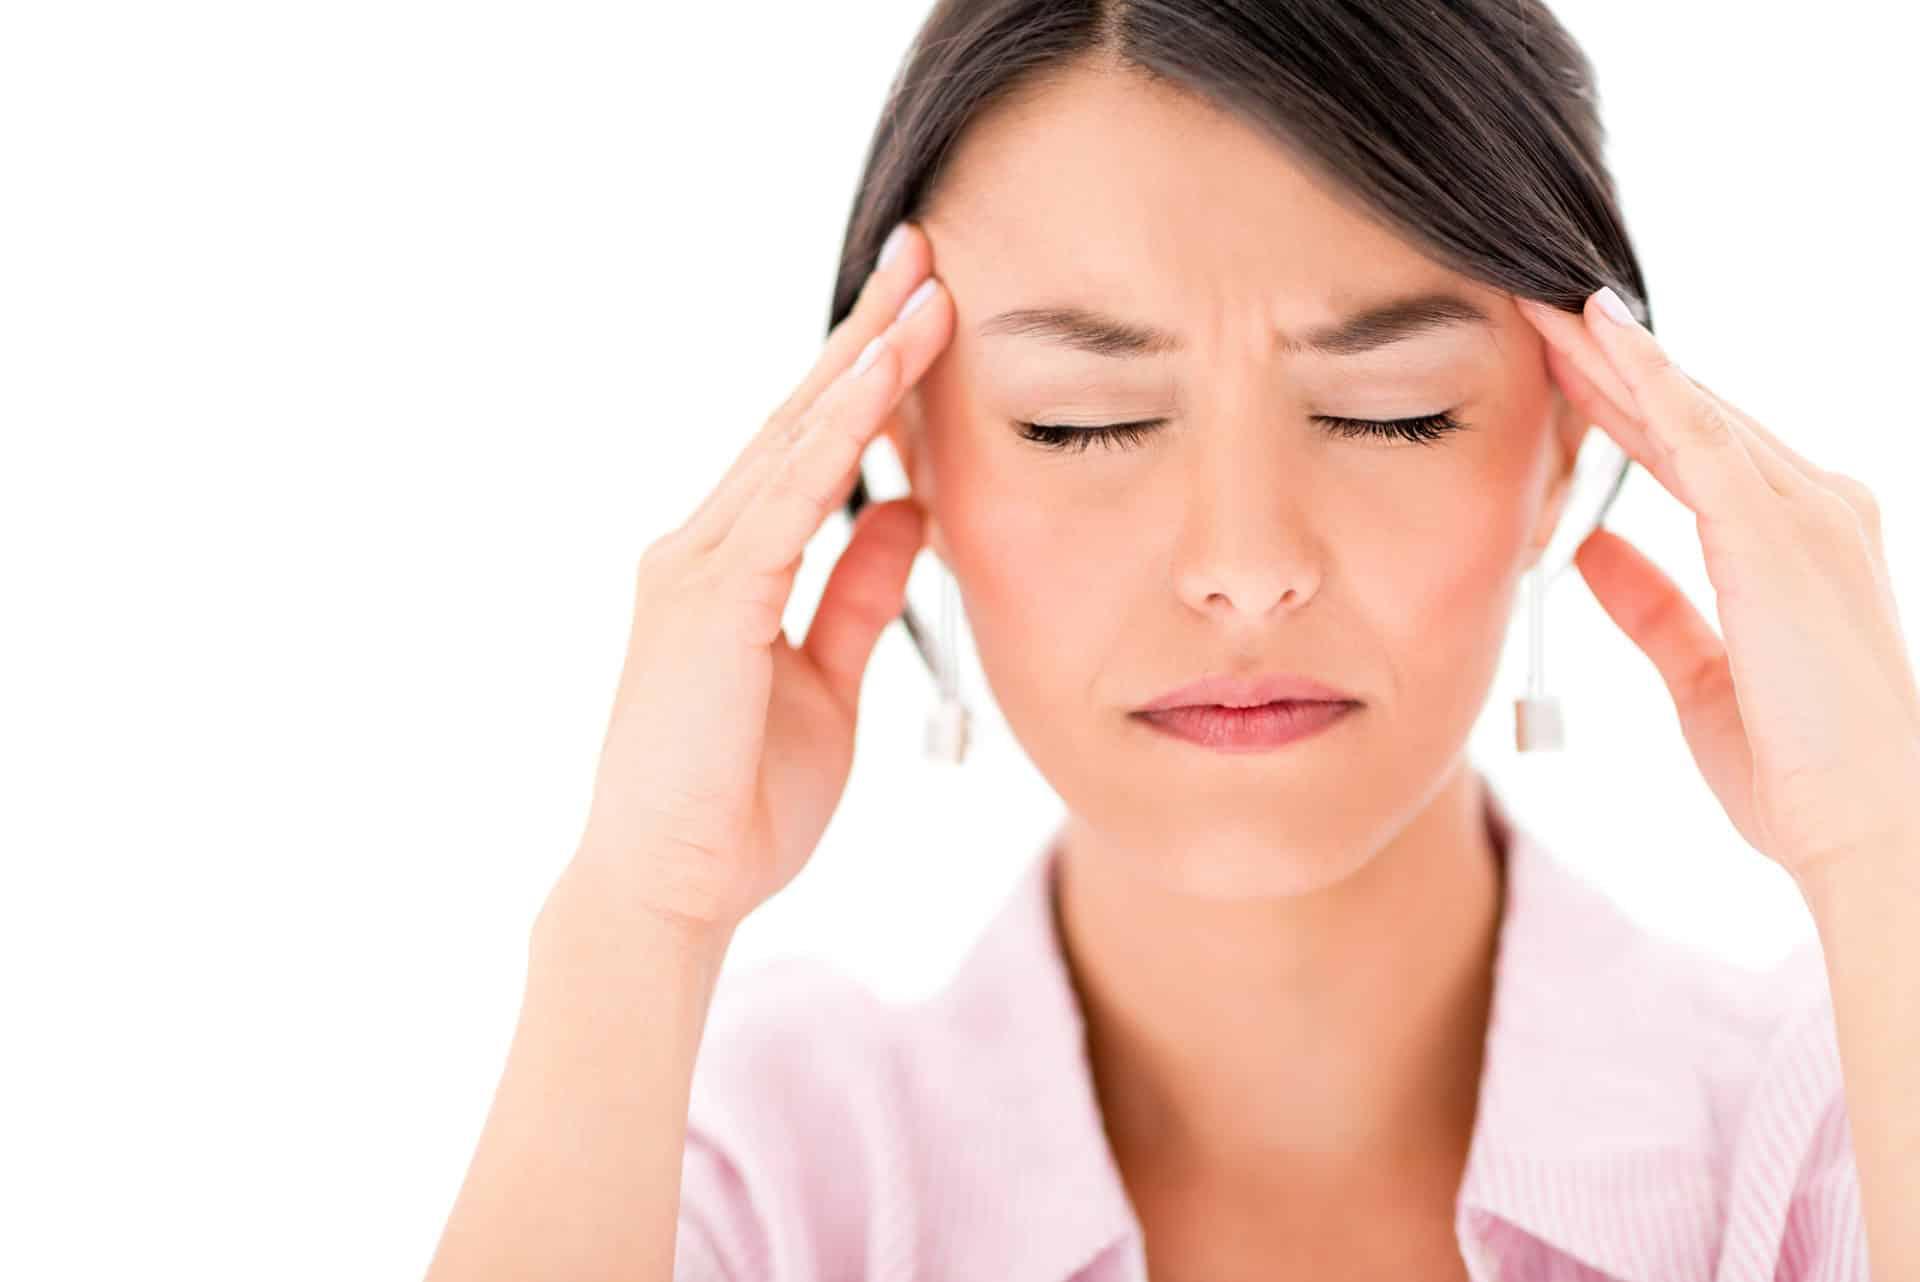 Хронический гайморит: симптомы